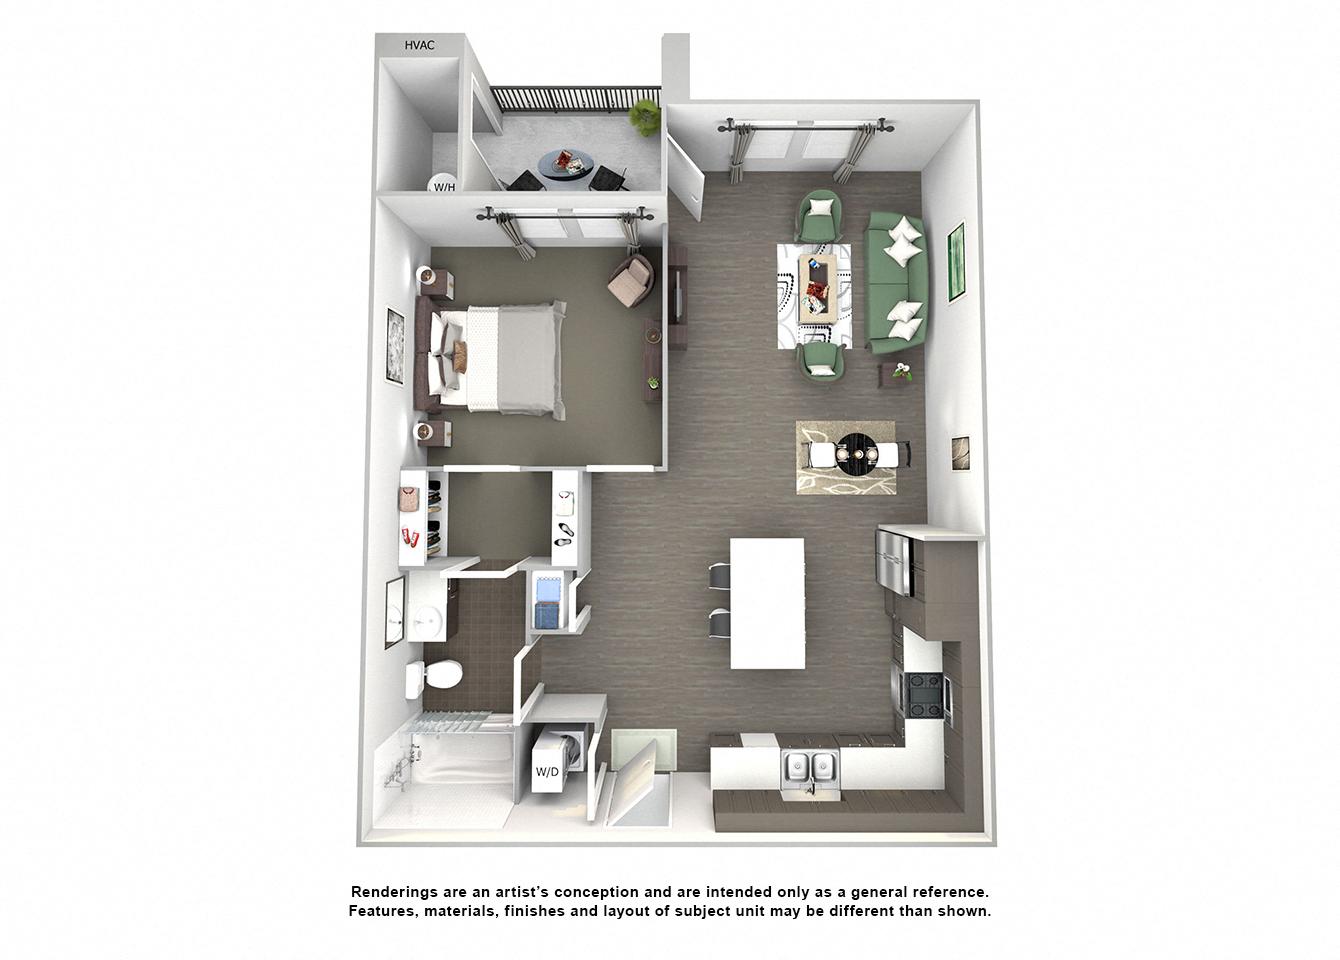 3d floor plan of A2 Railbender one bedroom